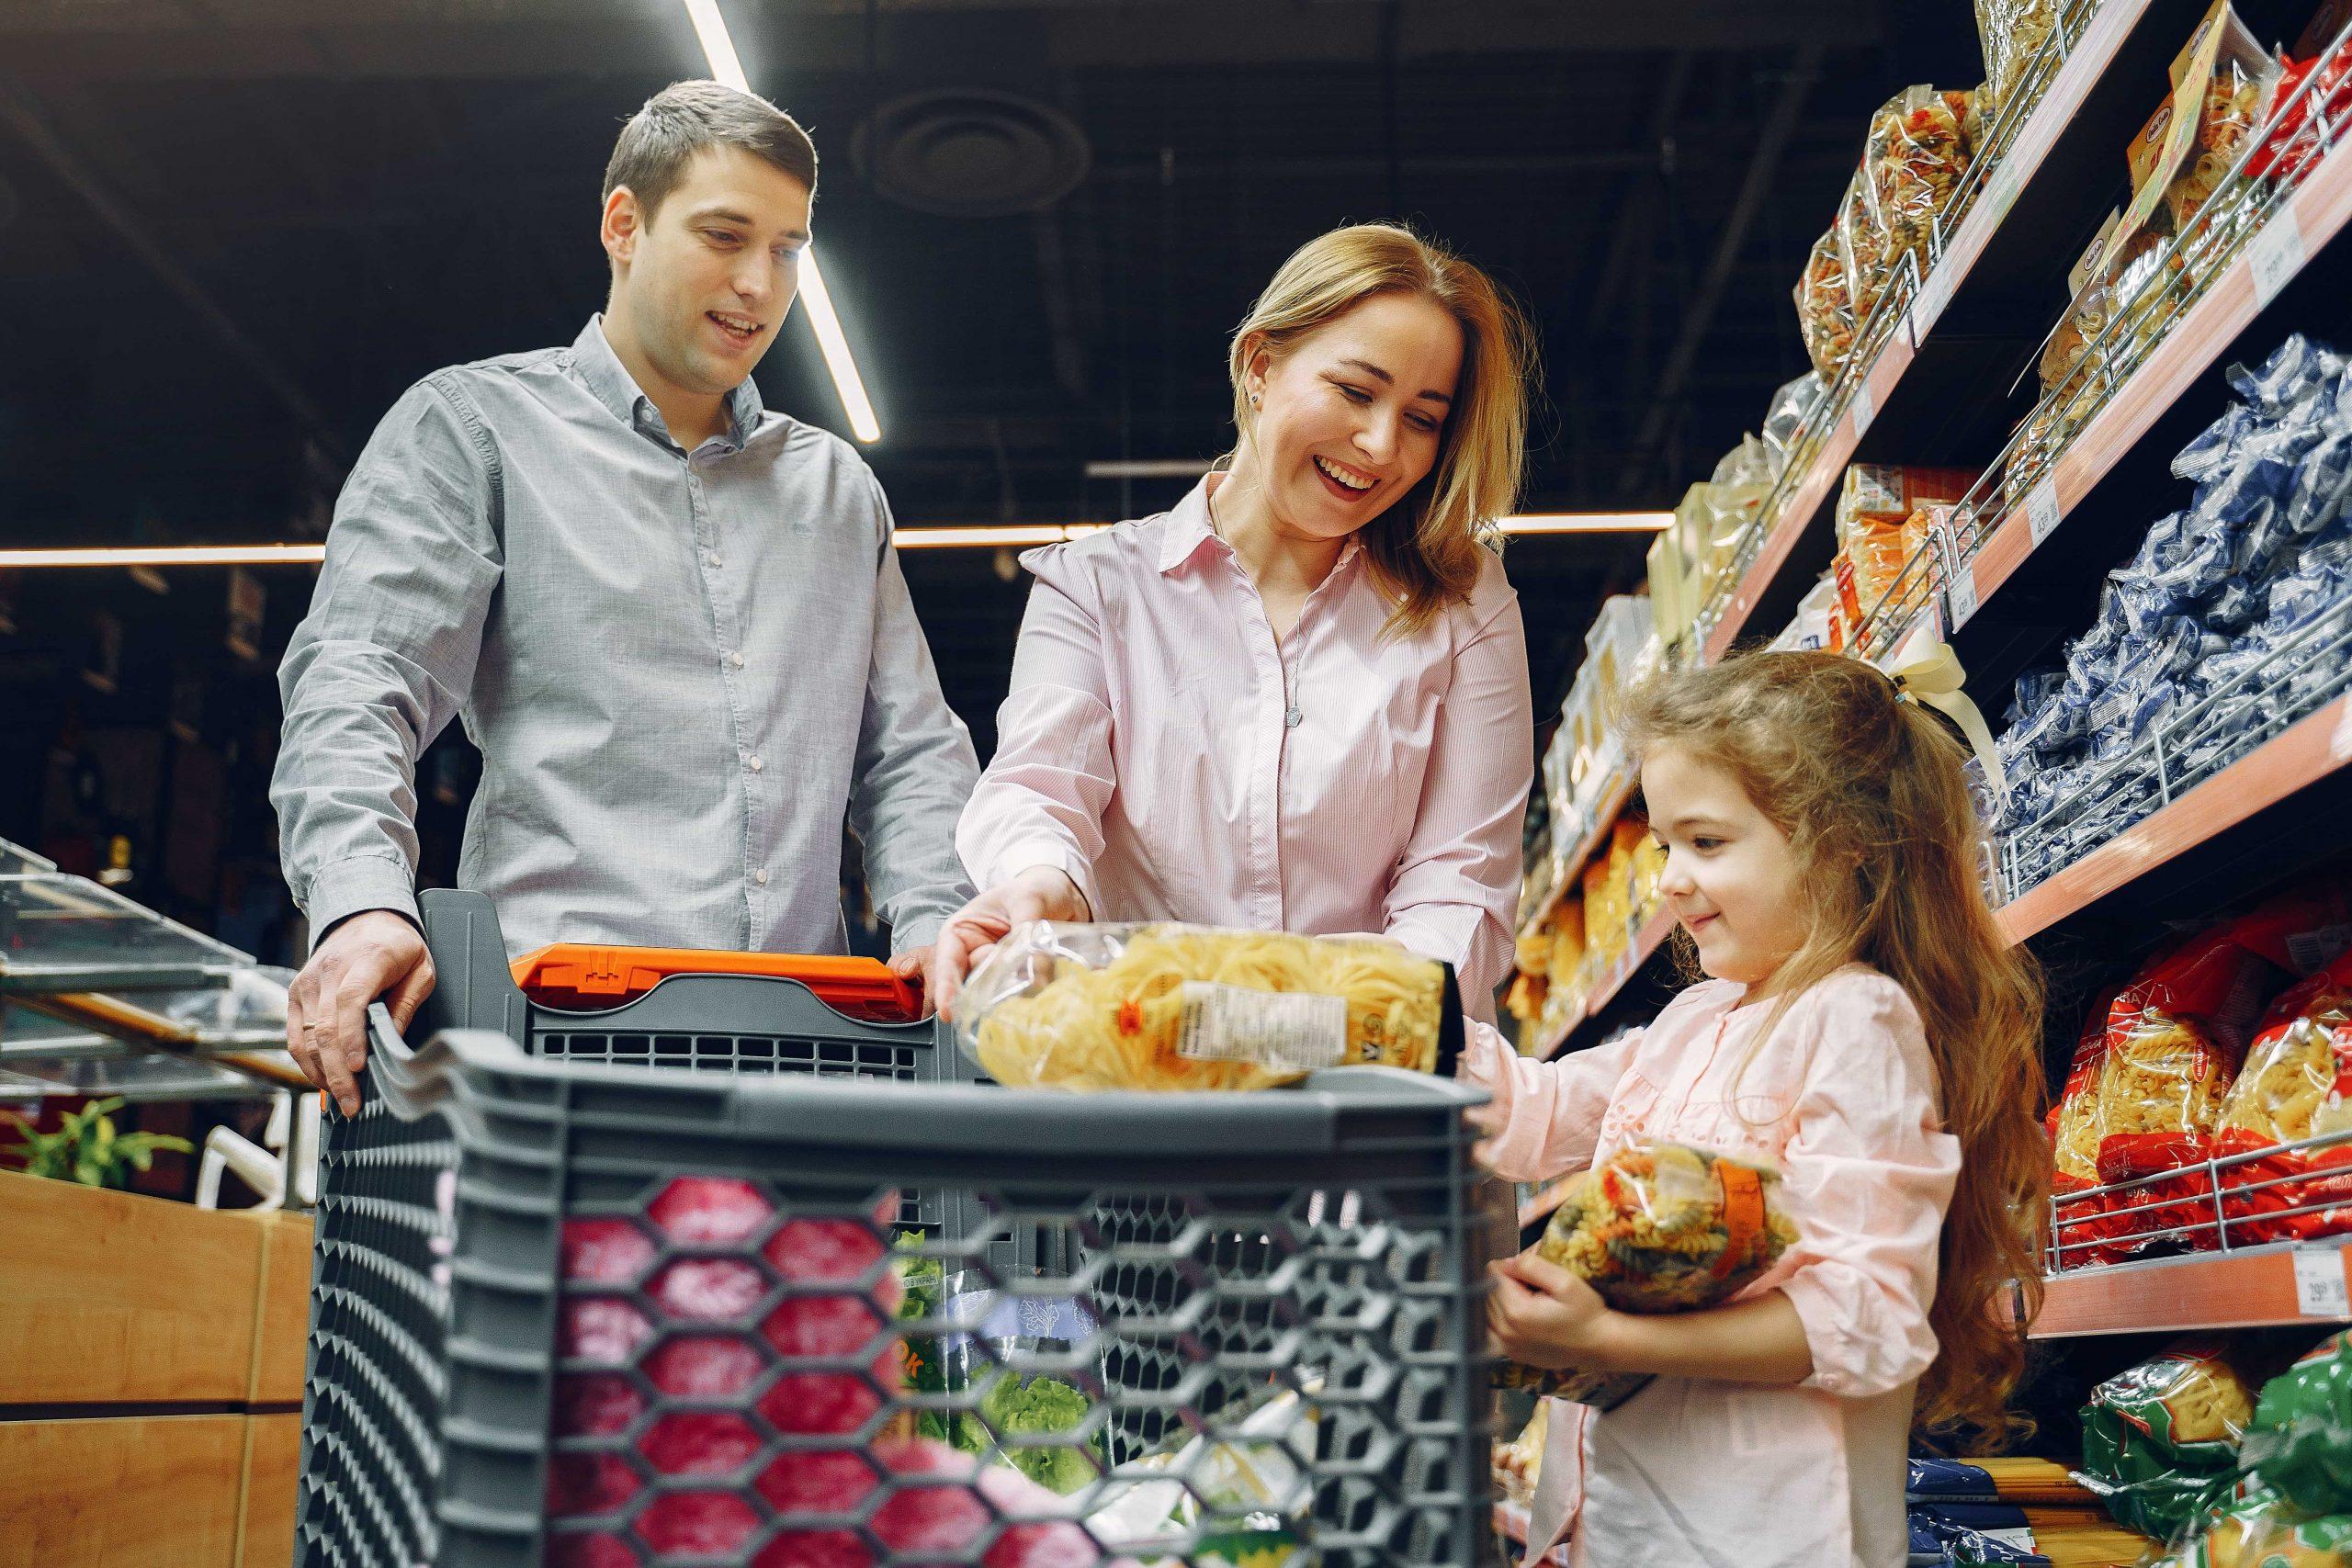 nakupování jídla